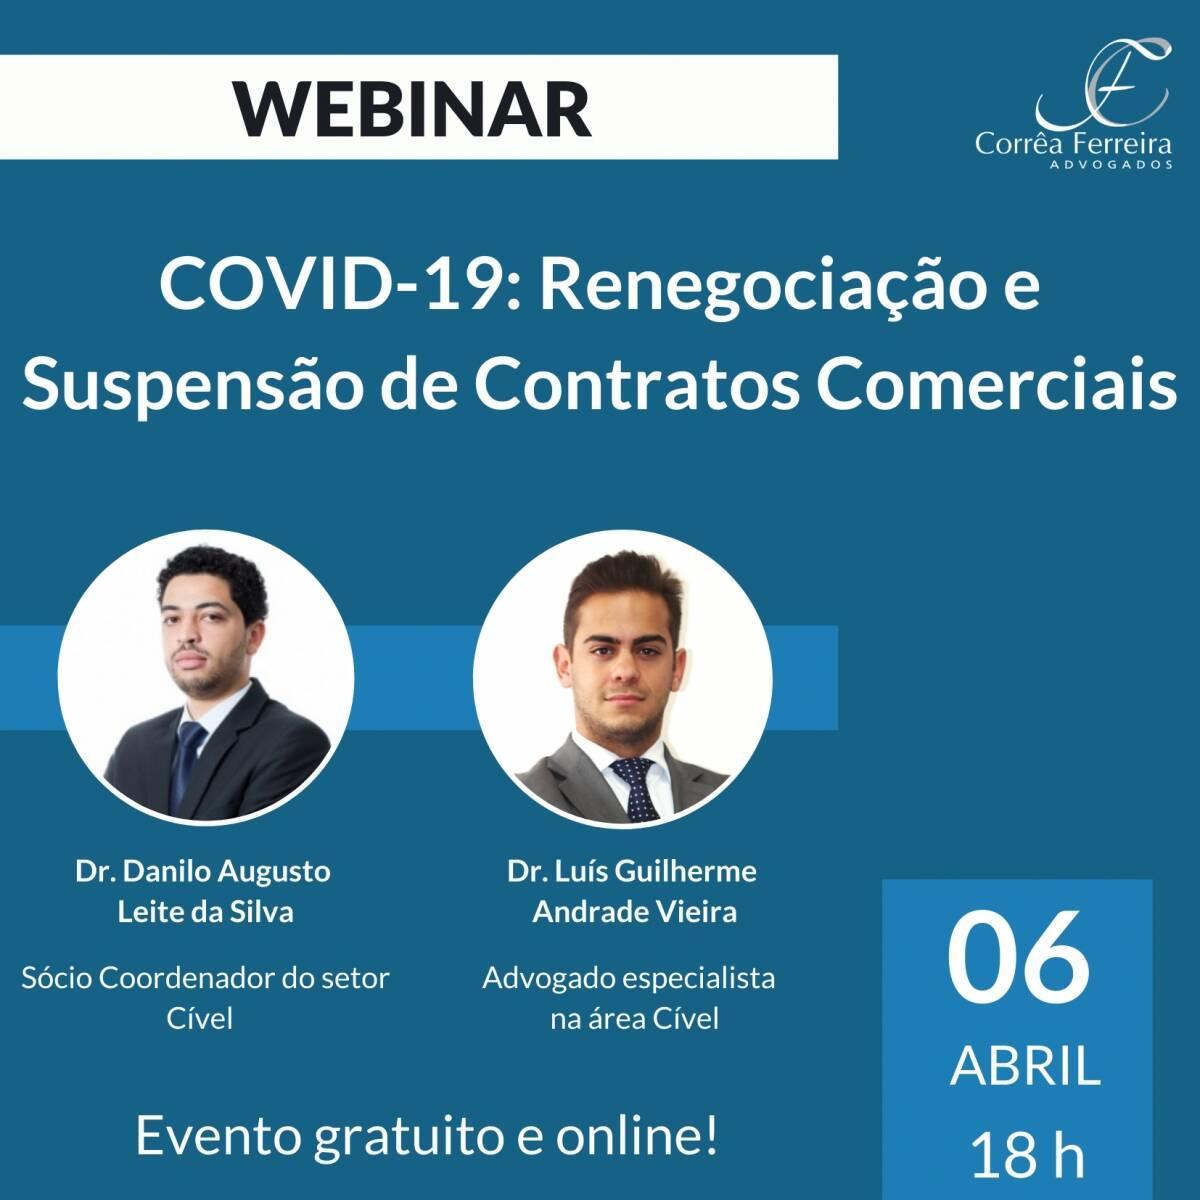 Webinar - Covid-19: Renegociação e Suspensão de Contratos Comerciais